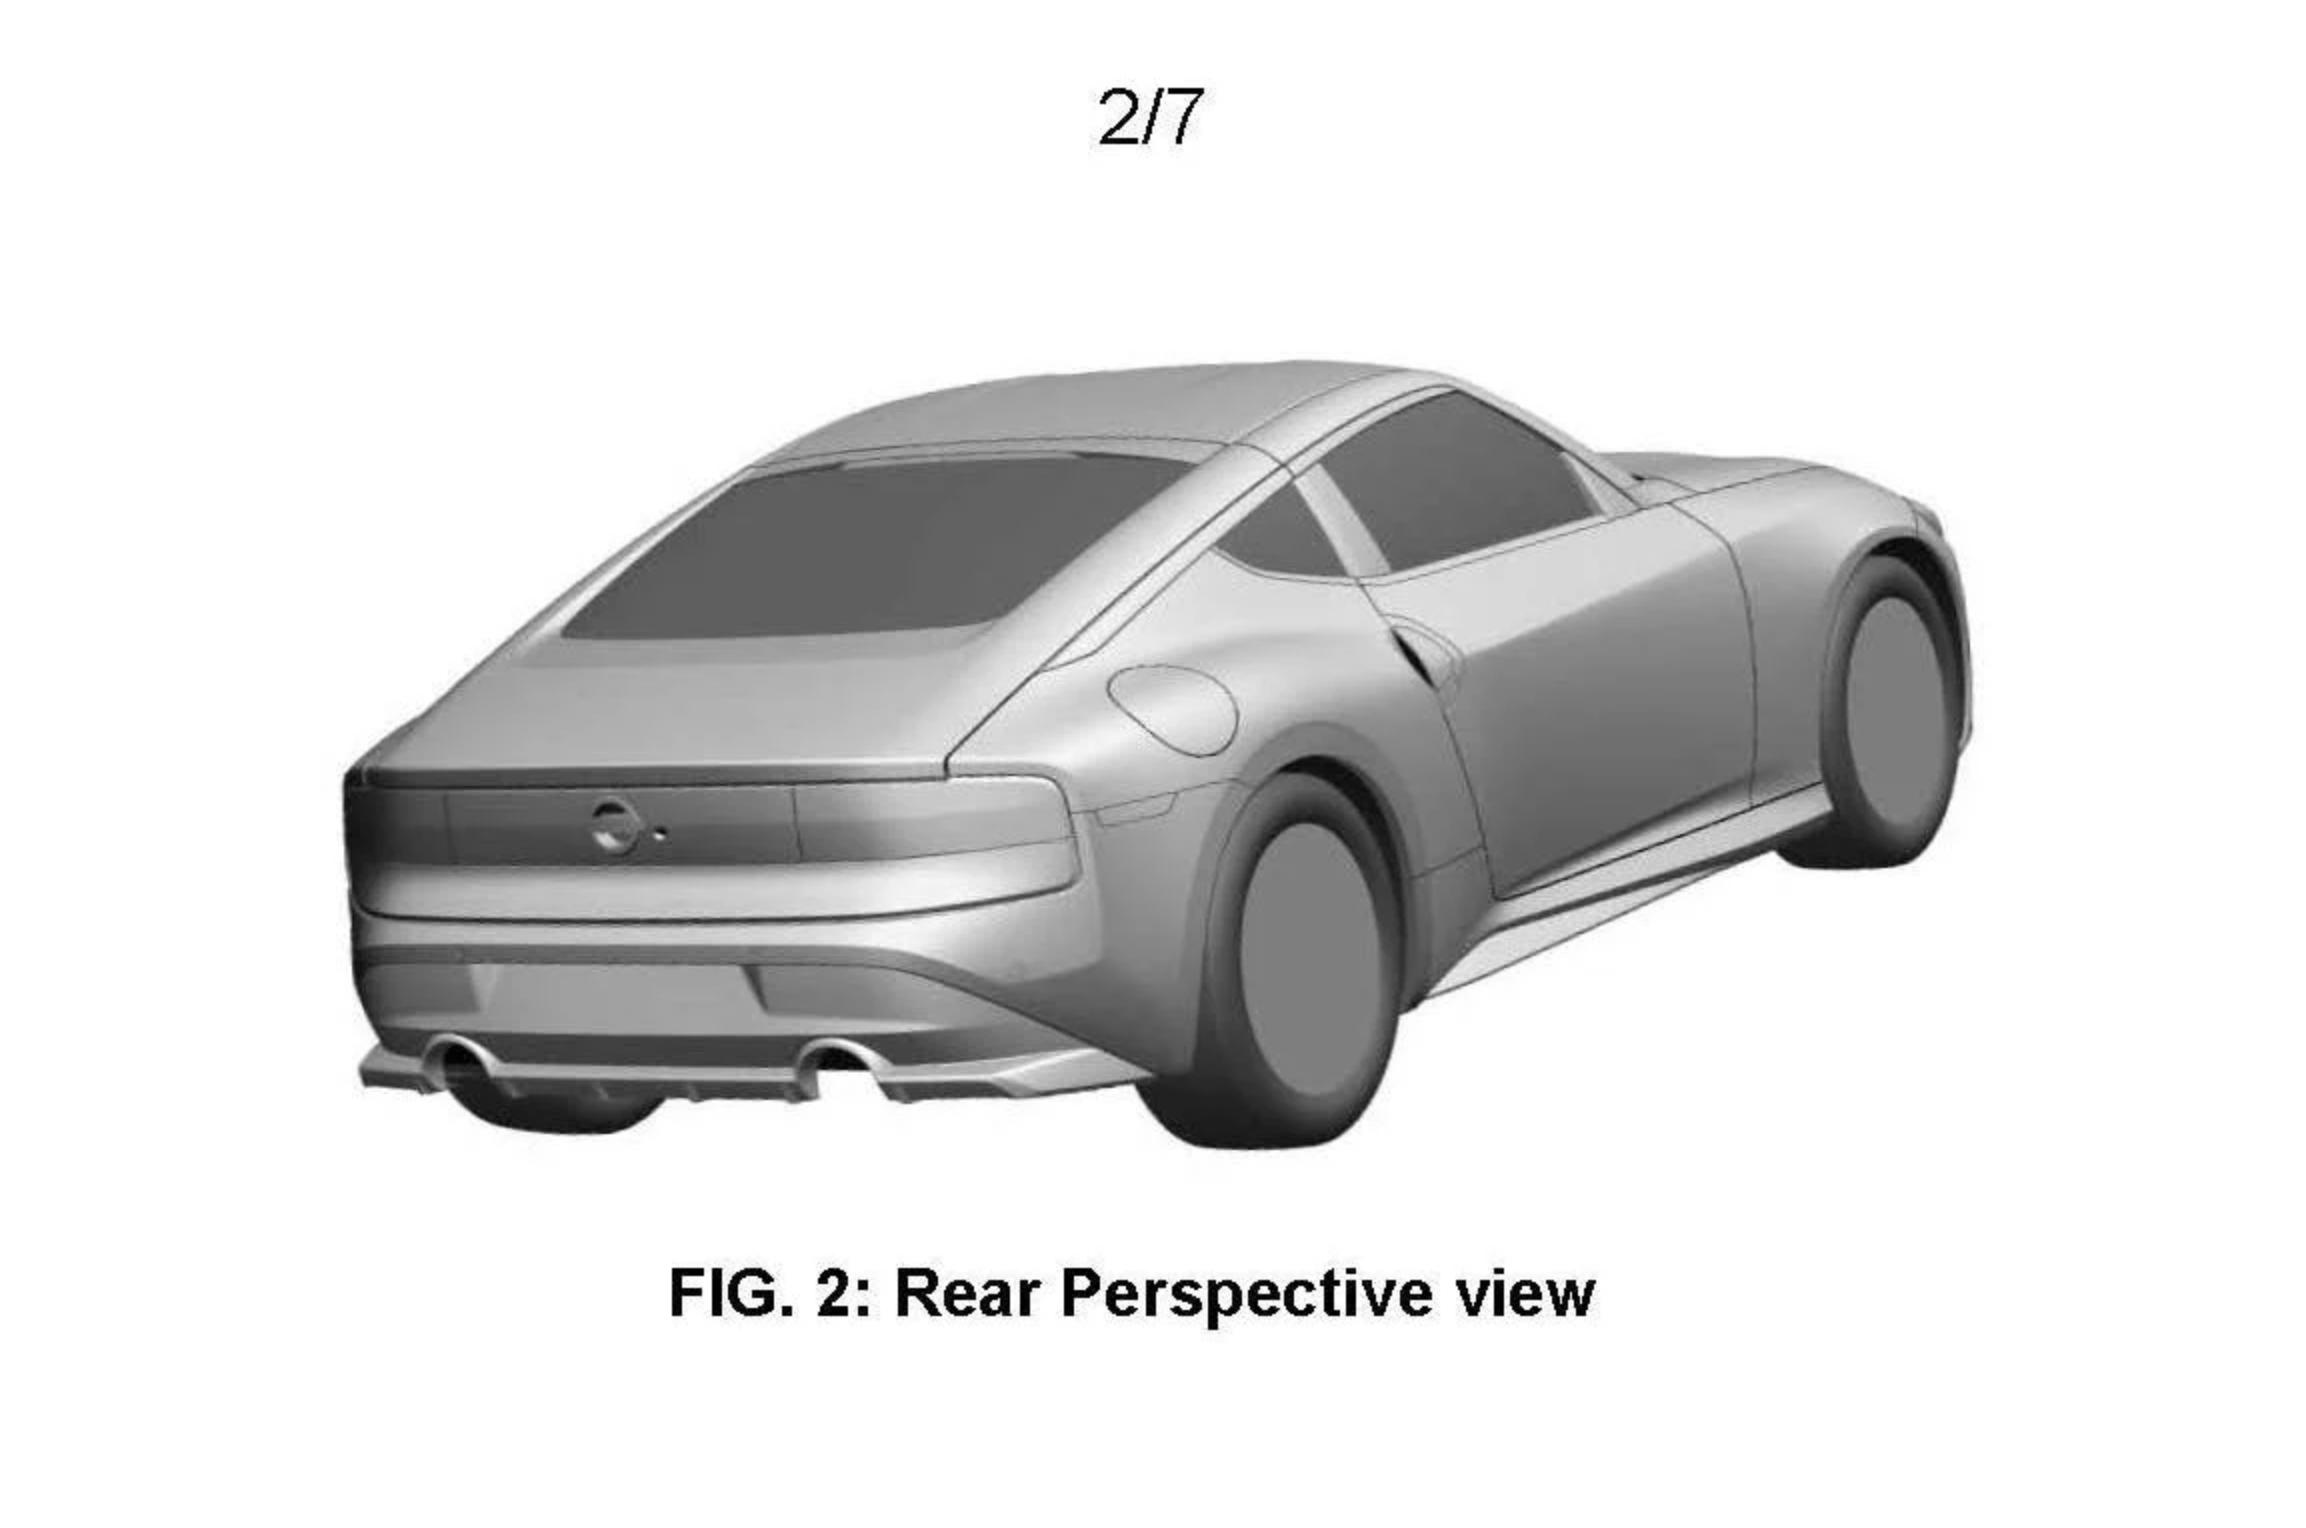 Nissan-400Z-patent-images-2